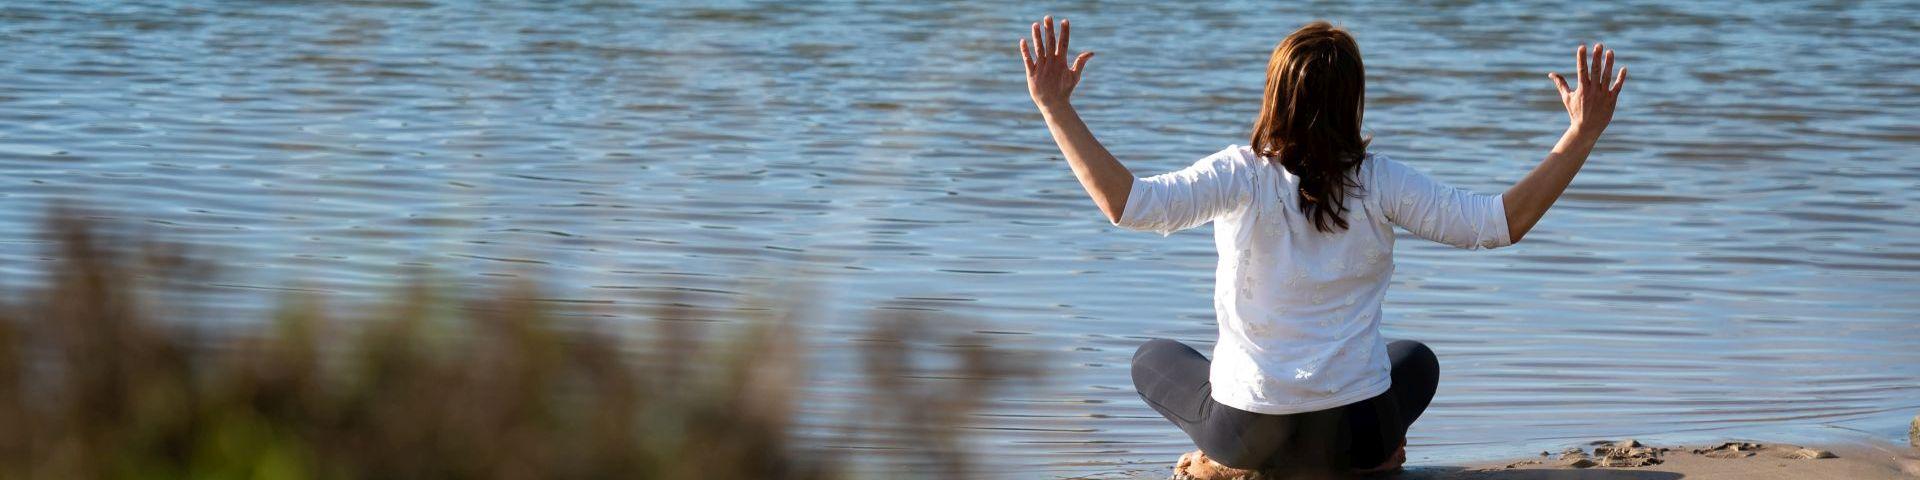 yoga_voor_roeiers - Banner_Leefstijlcoach-Wageningen-Ede-Bennekom-yoga-coaching-personal-training_DSC_1463